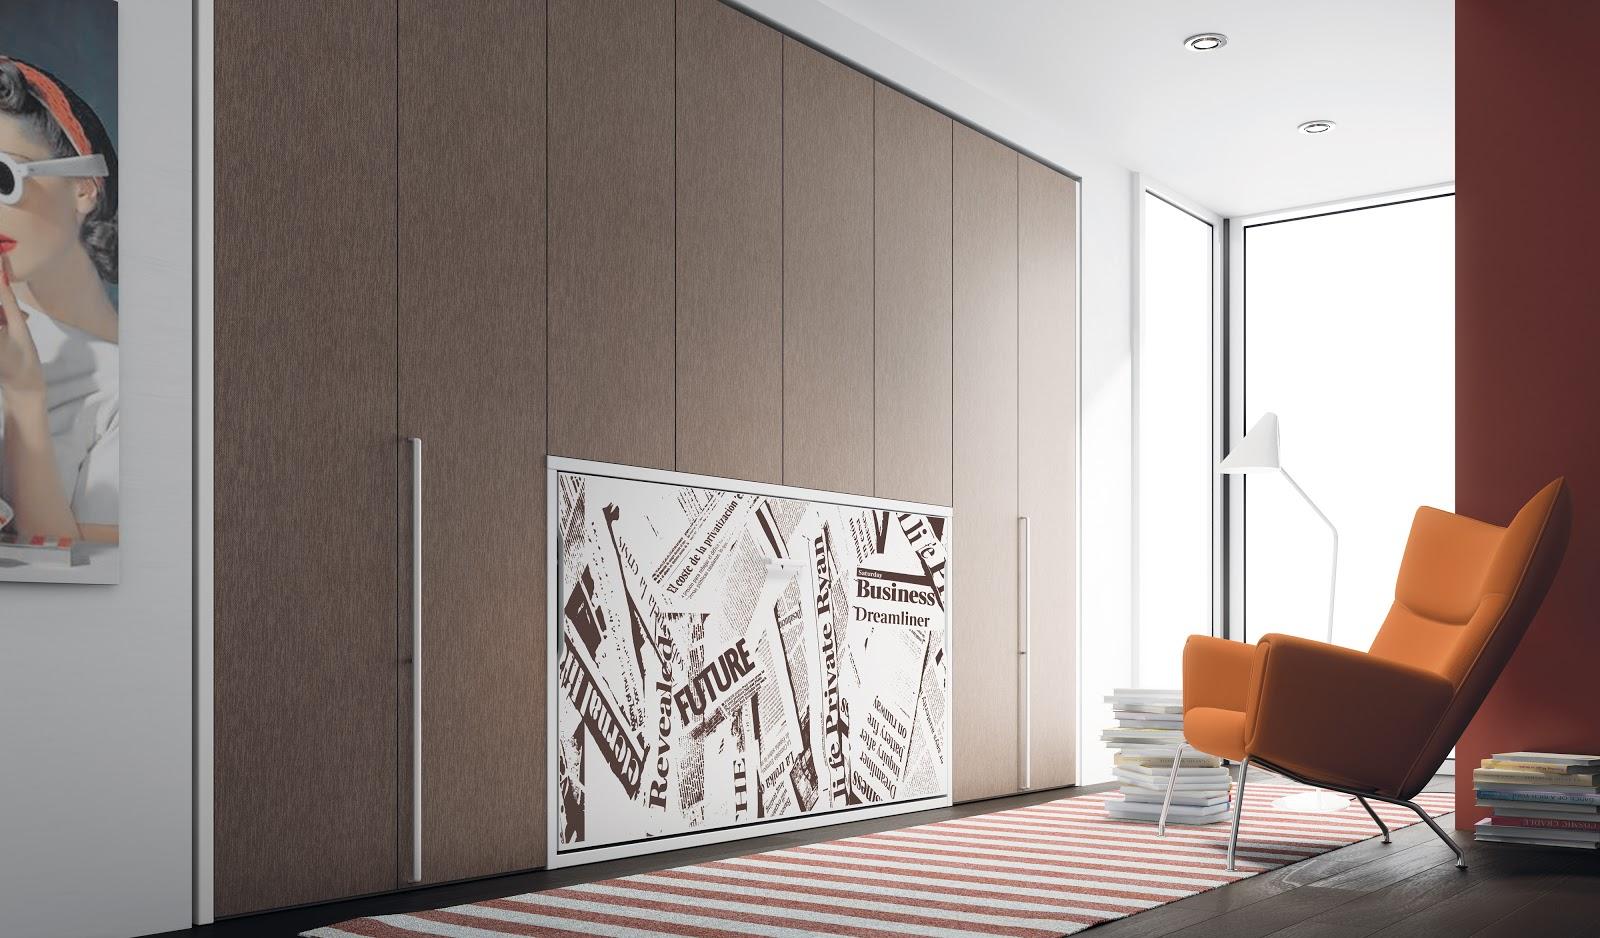 Muebles ros ahorra dinero ahorra espacio open sleep - Muebles ahorra espacio ...